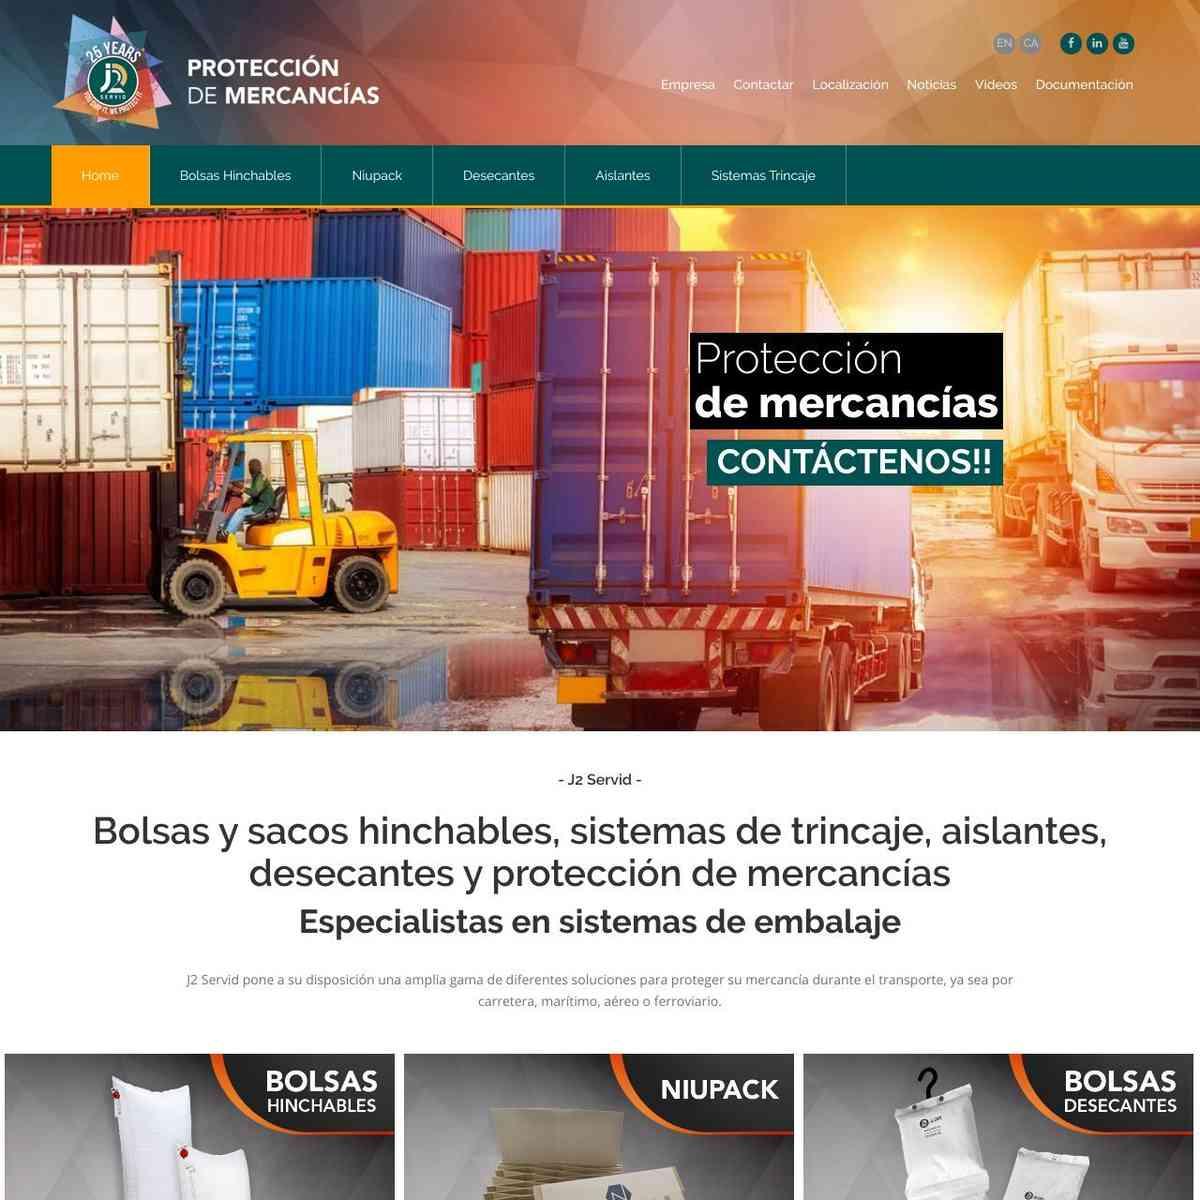 Bolsas y sacos hinchables, protección de mercancías